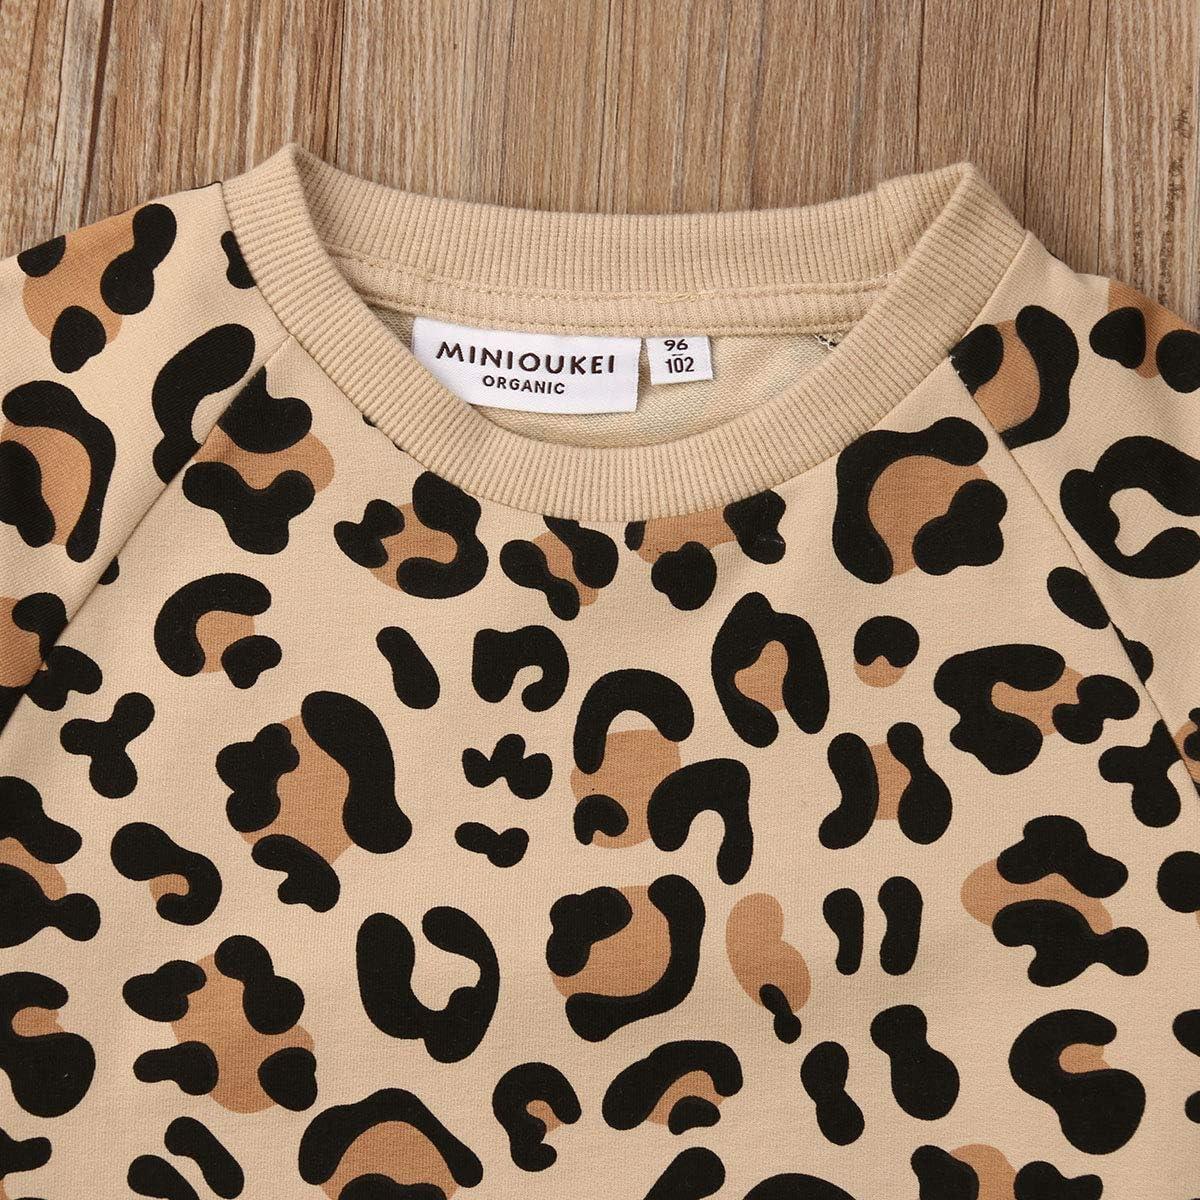 CHRONSTYLE Jungen M/ädchen Baumwolle Pullover Fr/ühling Herbst Hoodie Leopardenmuster Hoodie Unisex Baby Langarmshirts1-7 Jahre